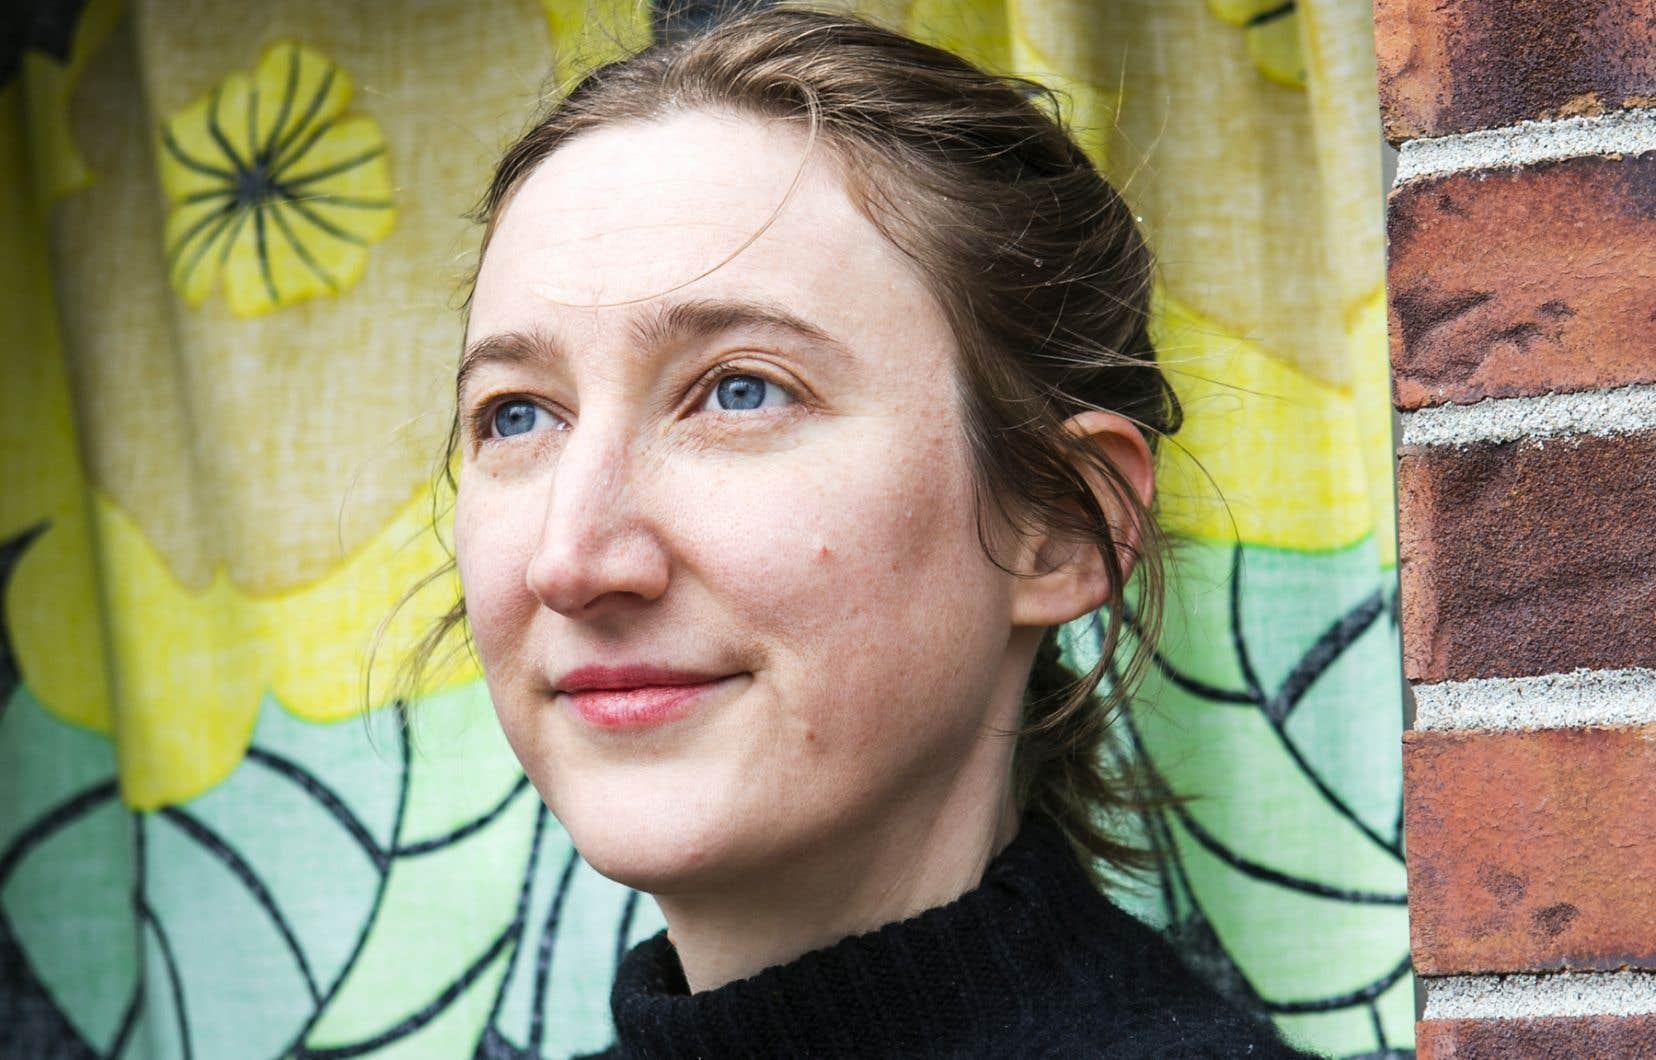 «Les livres qui m'ont toujours aidée à vivre, ce sont les autobiogra-phies des autres, parce qu'elles m'aident à me sentir moins seule, confie Julie Delporte. Elles me donnent l'impression de partager quelque chose de vrai.»